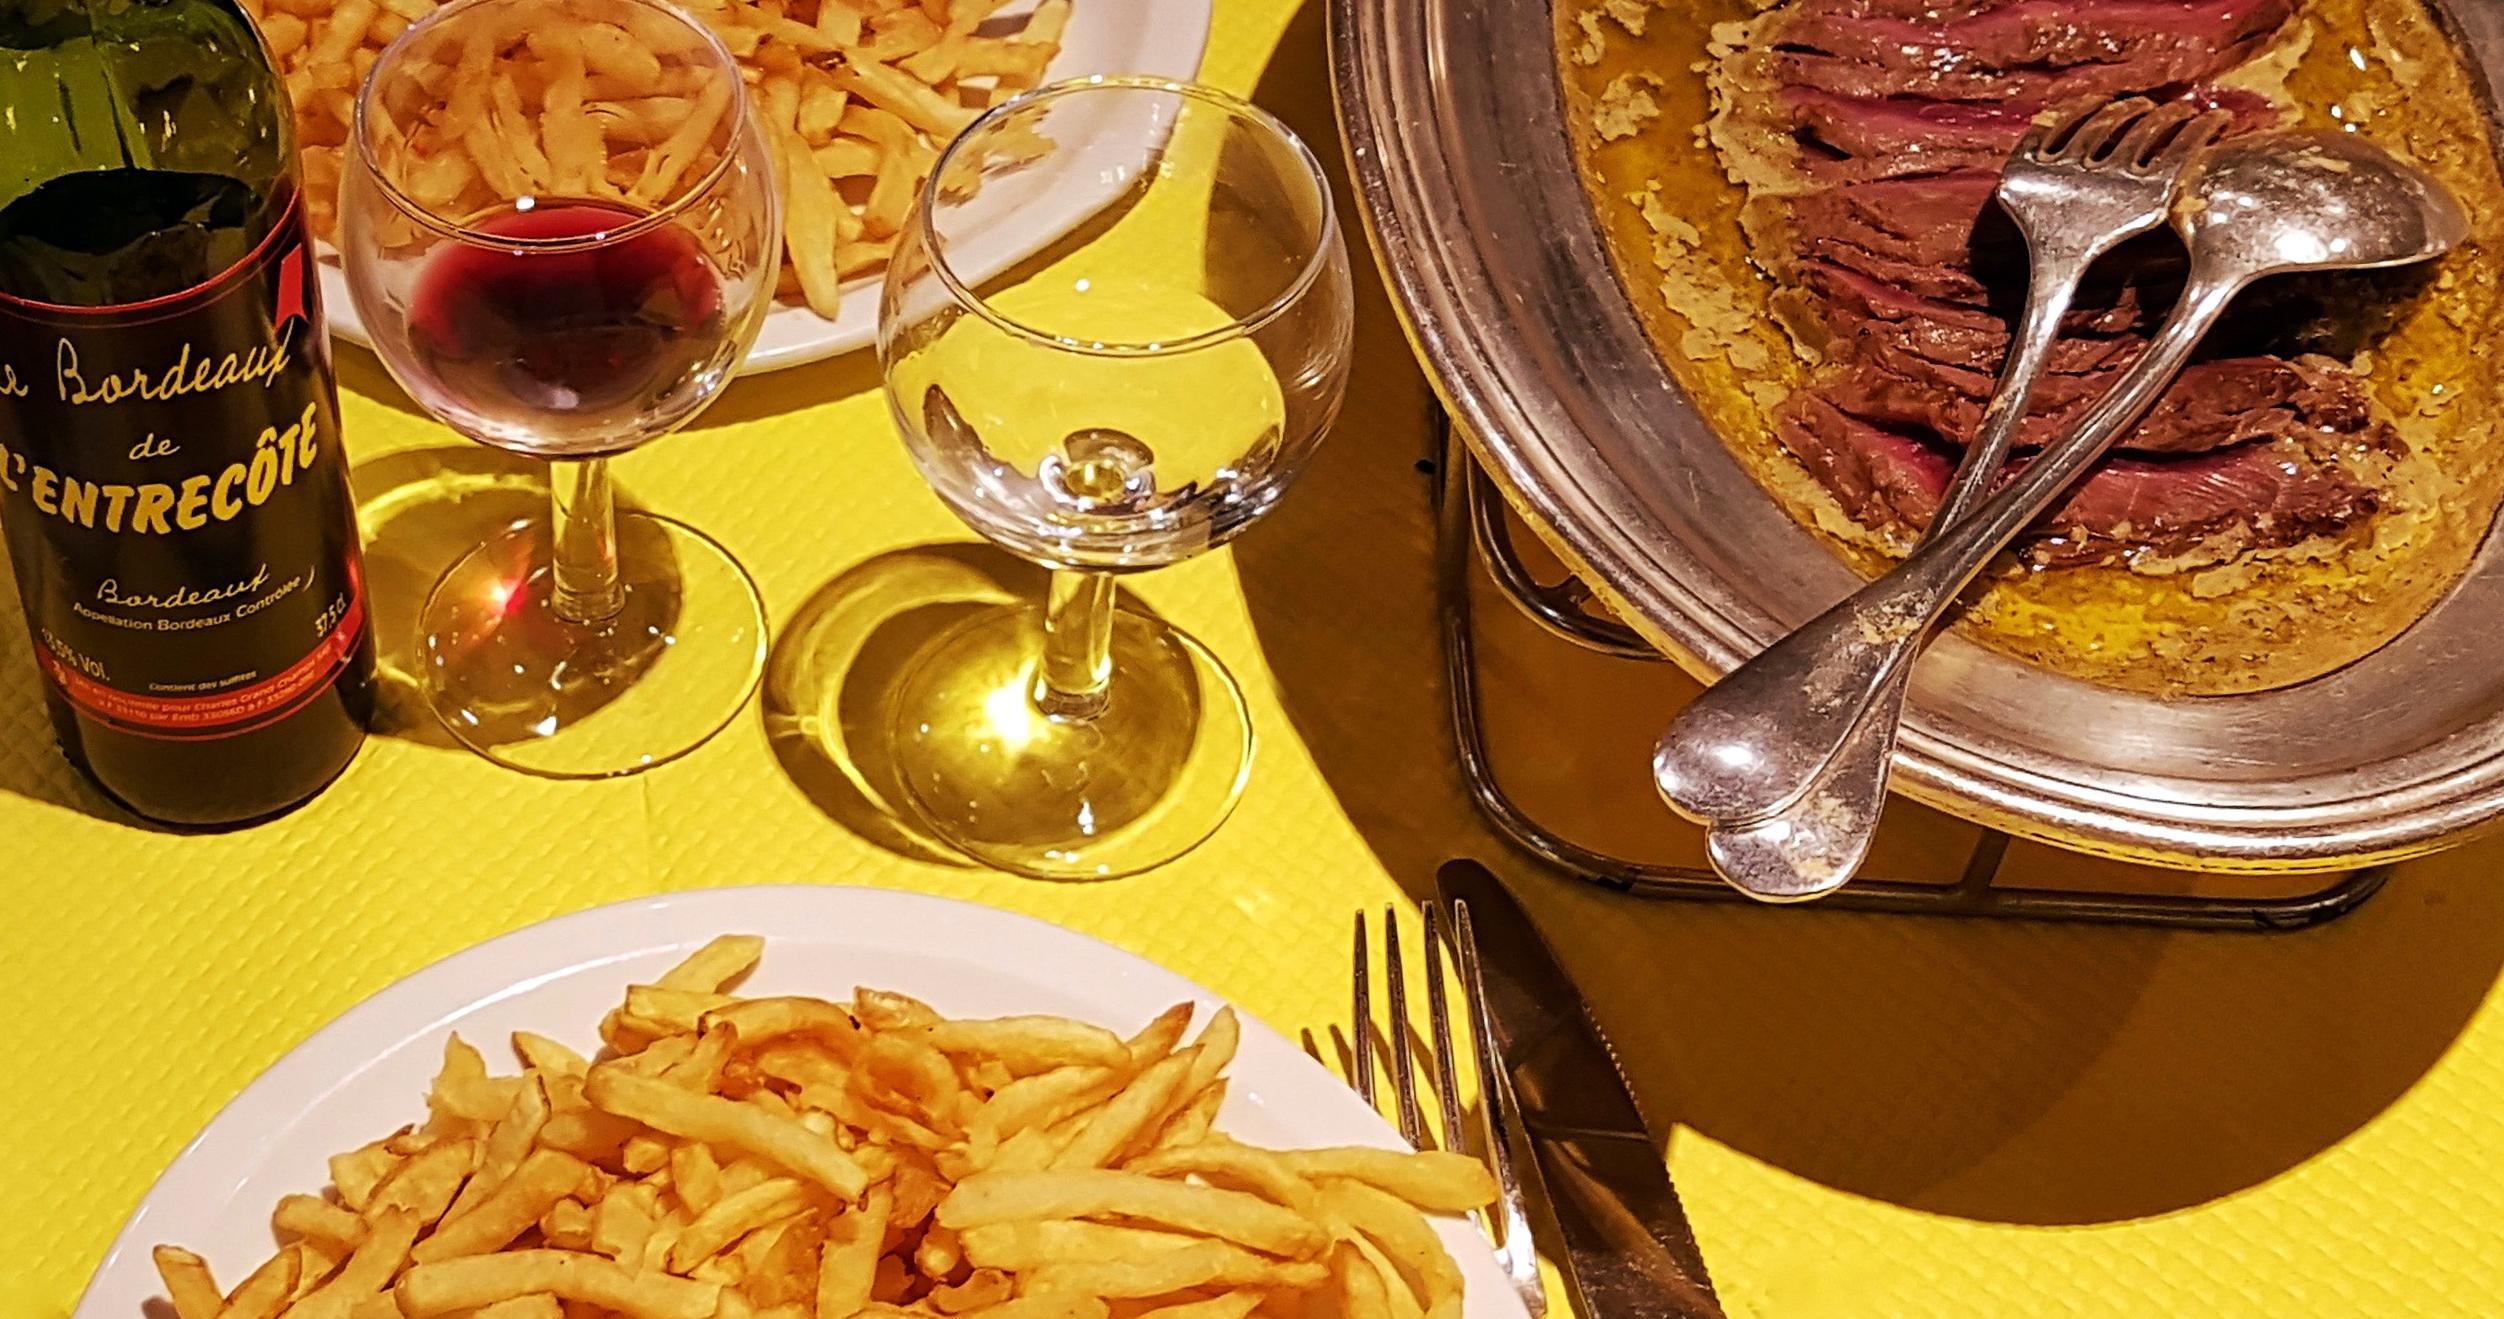 El restaurante mas famosos de Burdeos.